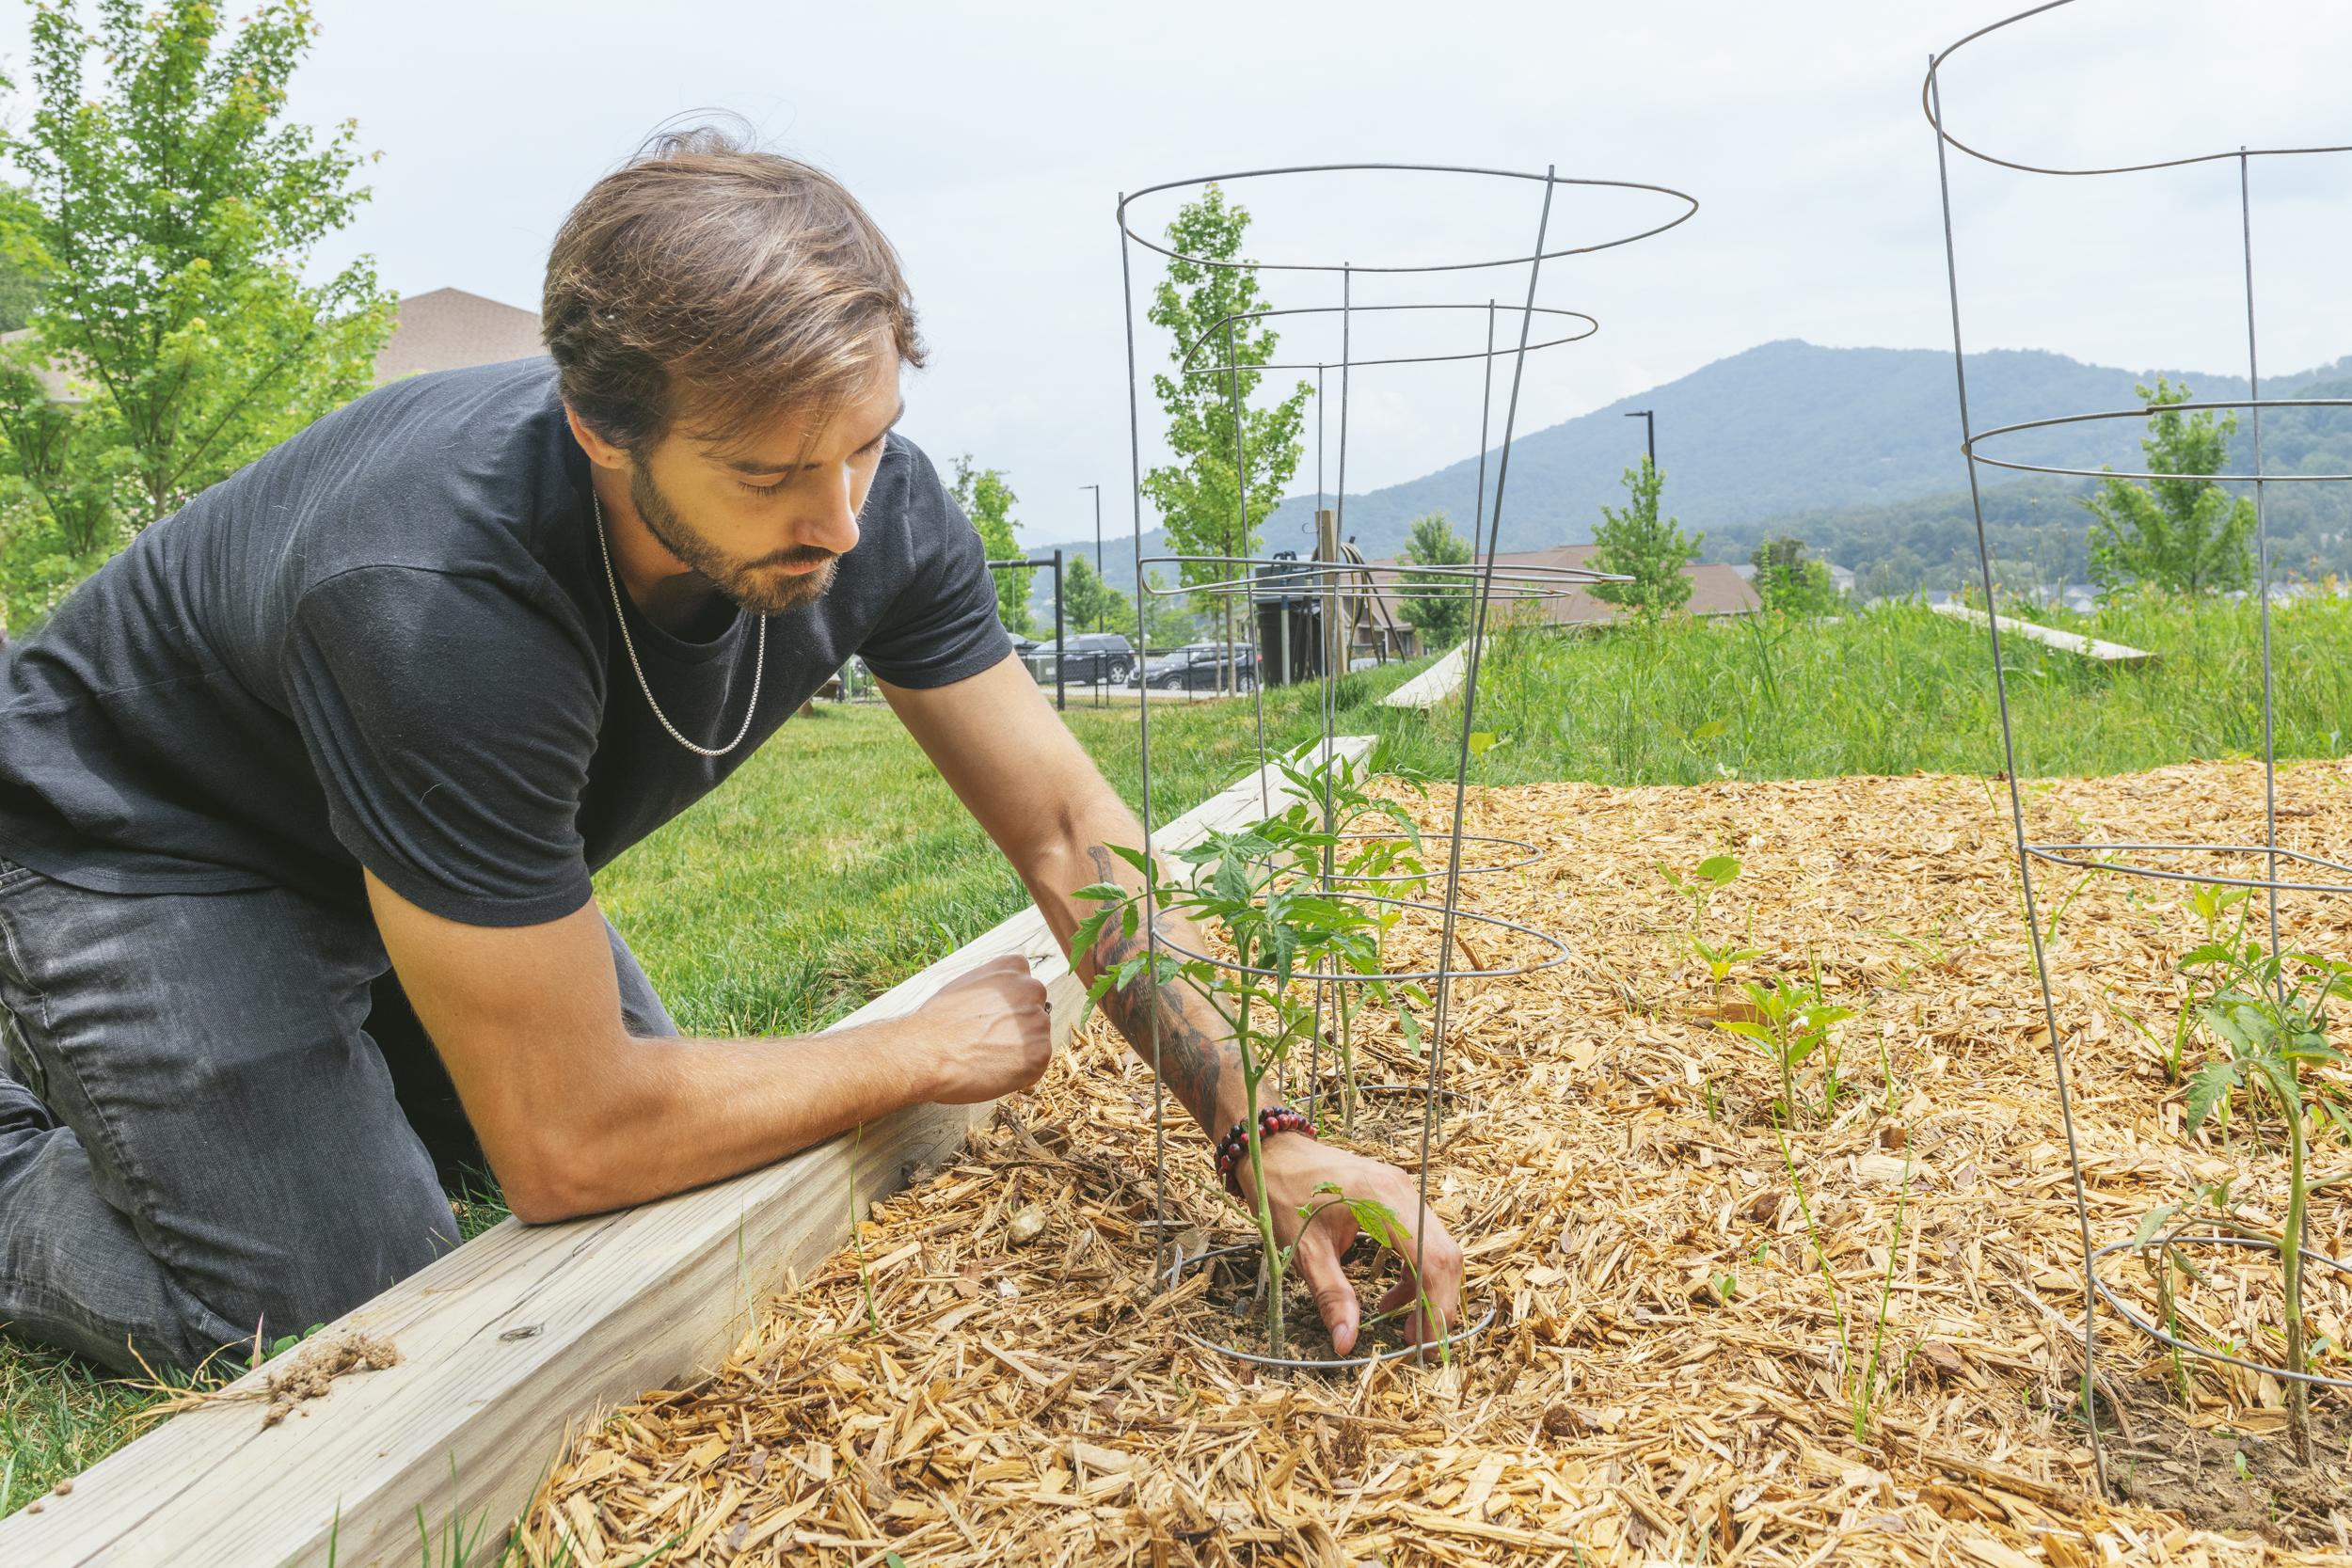 guy gardening in outdoor garden